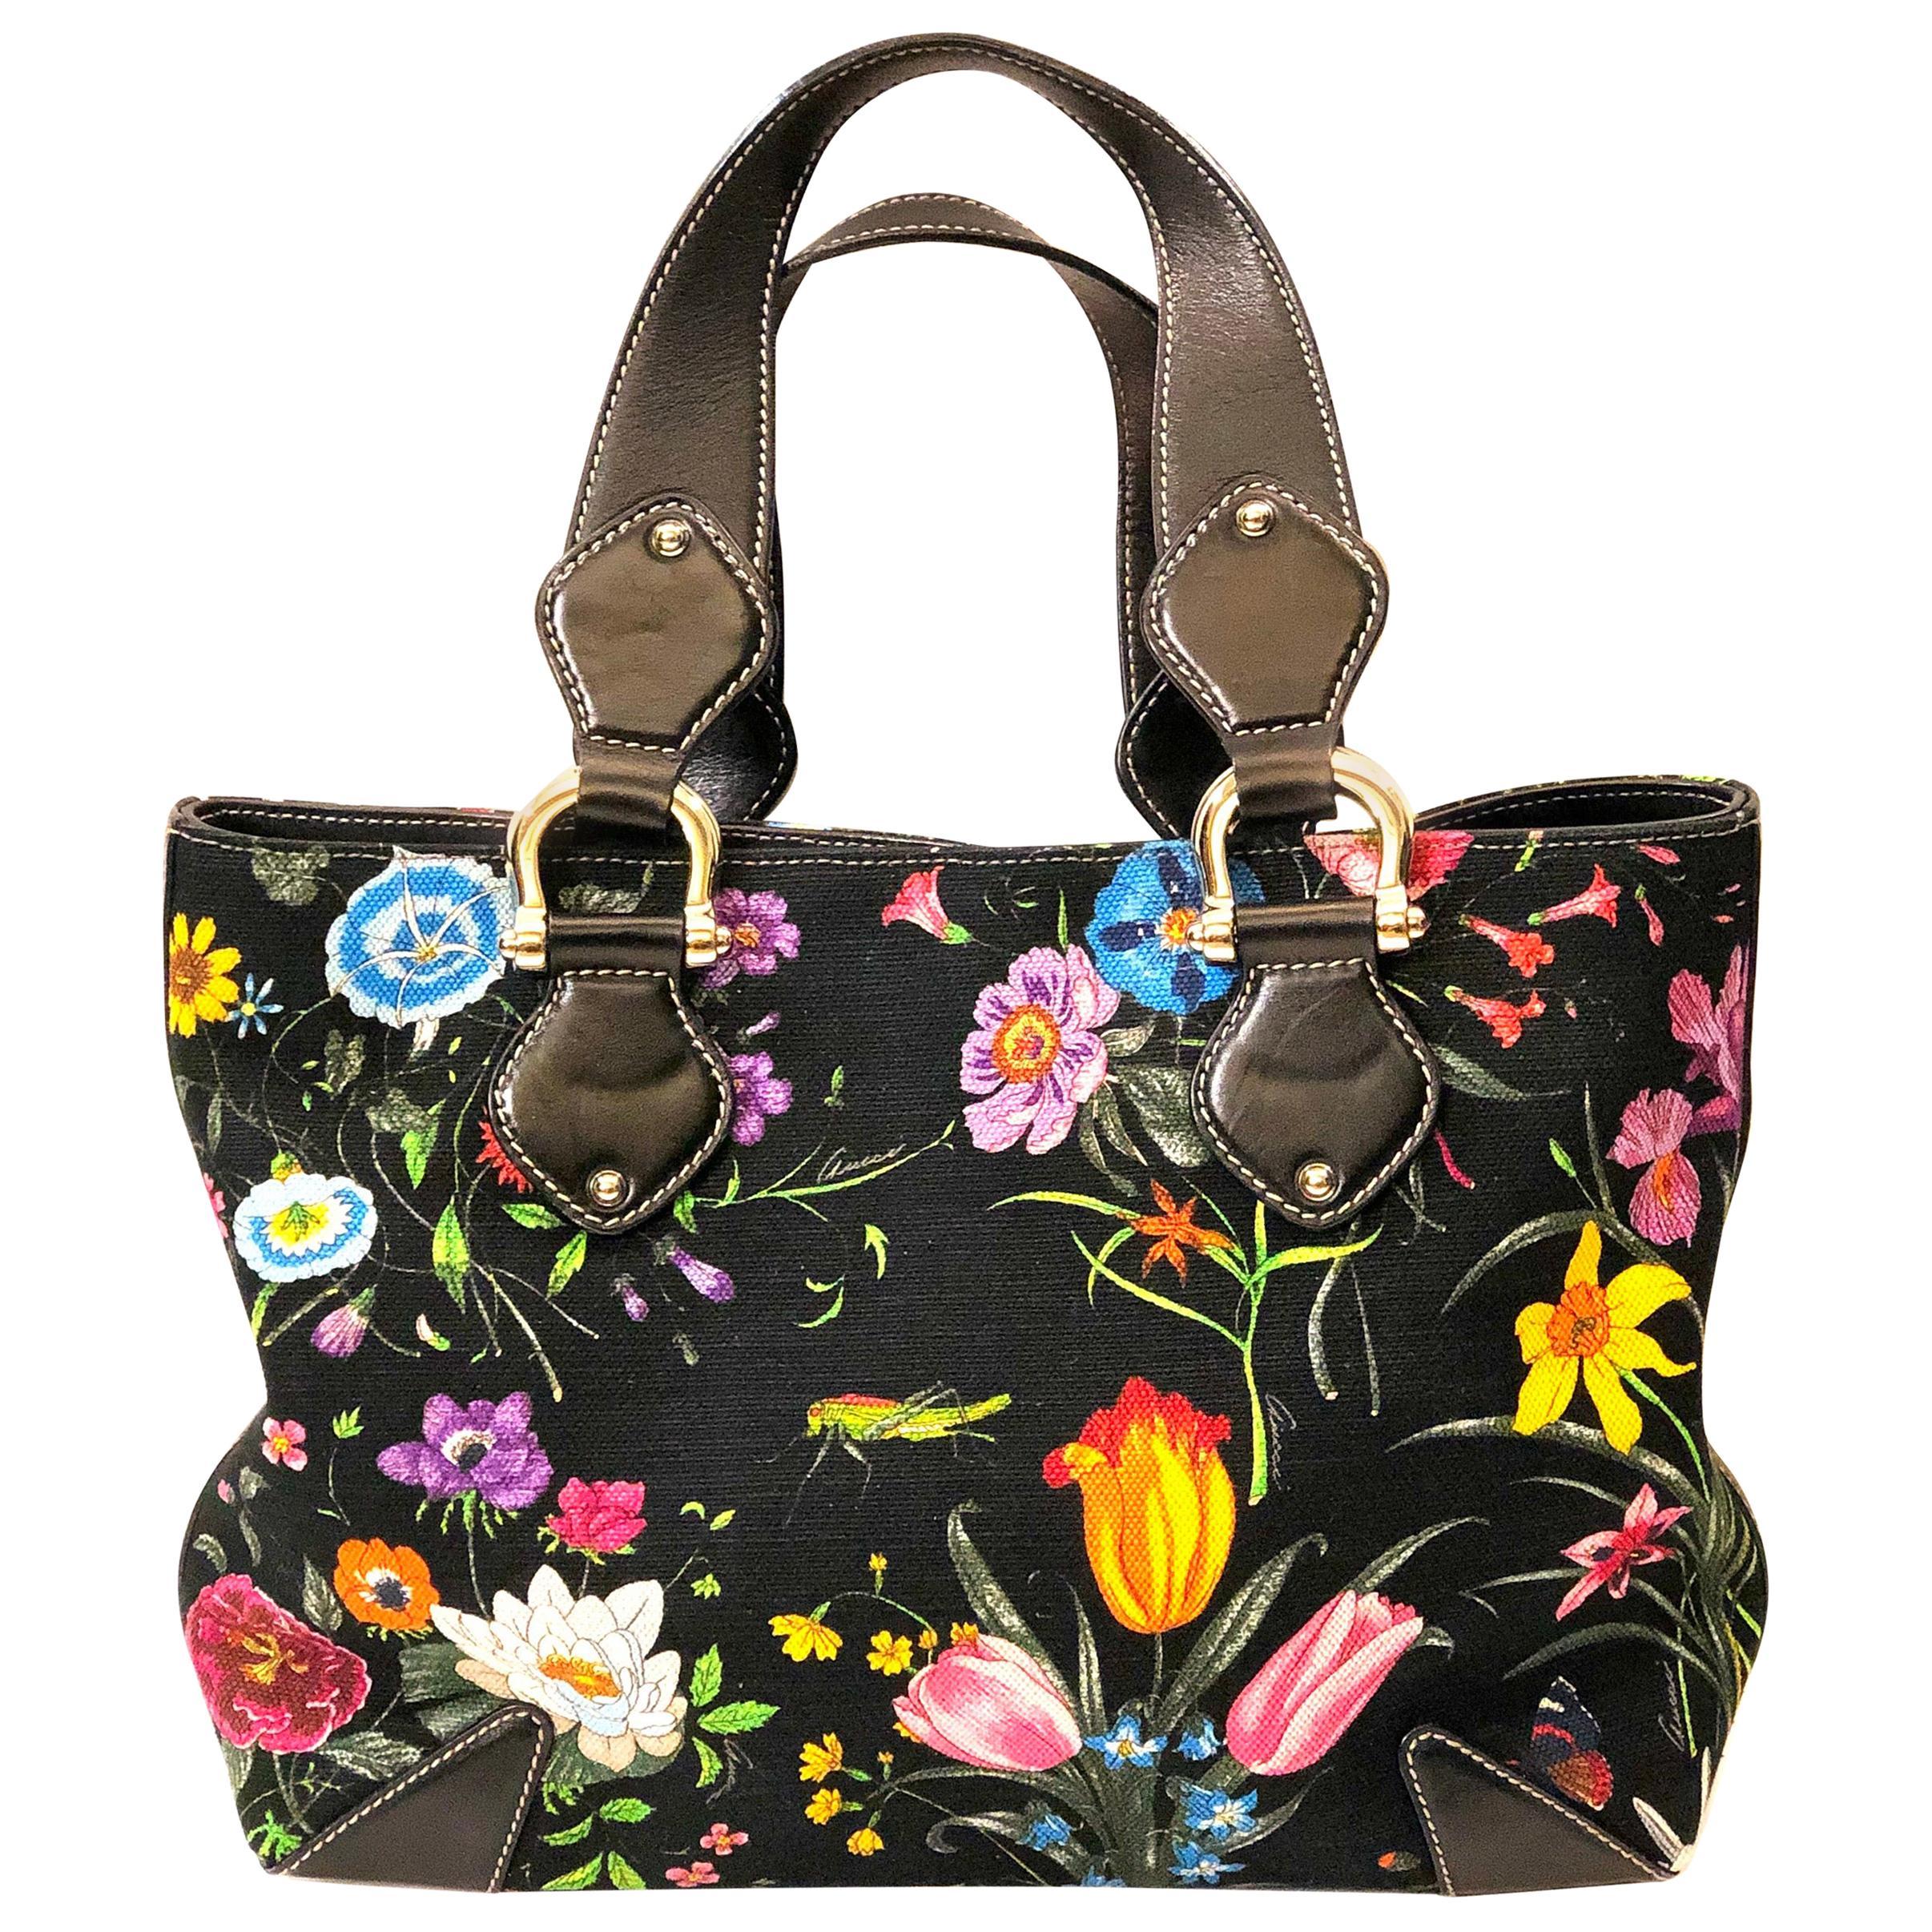 Gucci Floral Print Canvas Handbag